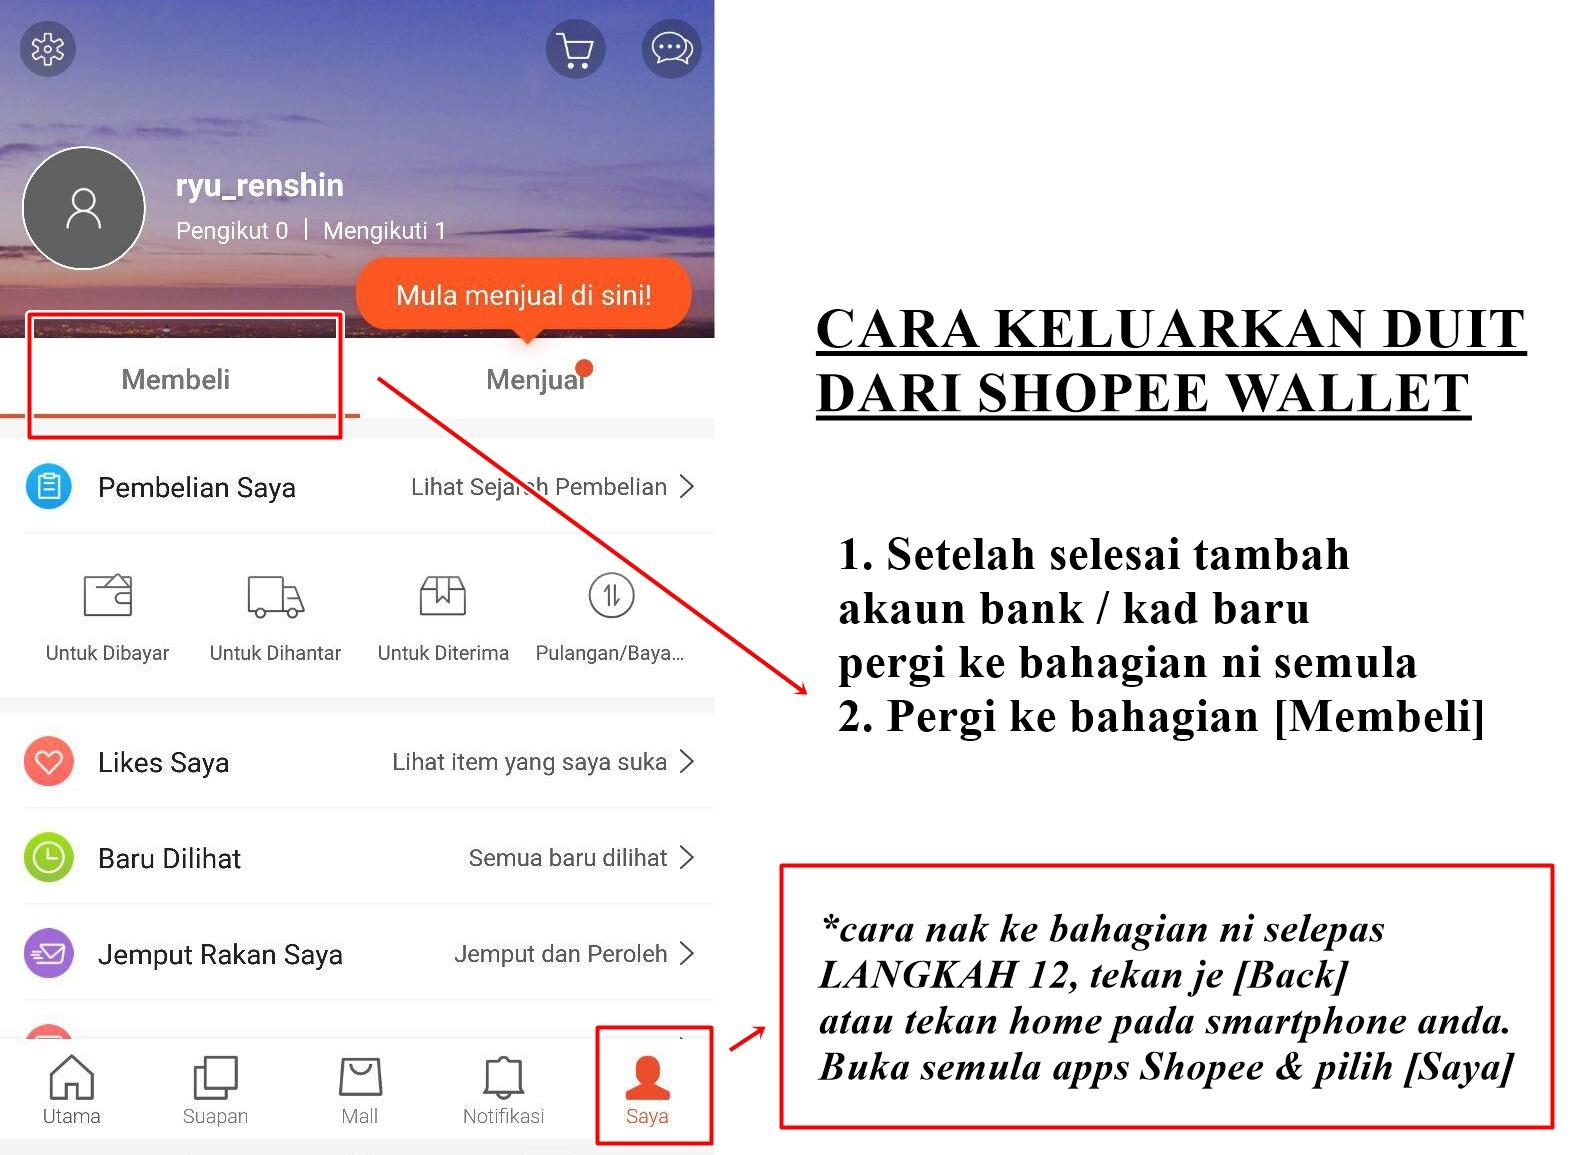 Cara Keluarkan Duit Dari Wallet Shopee